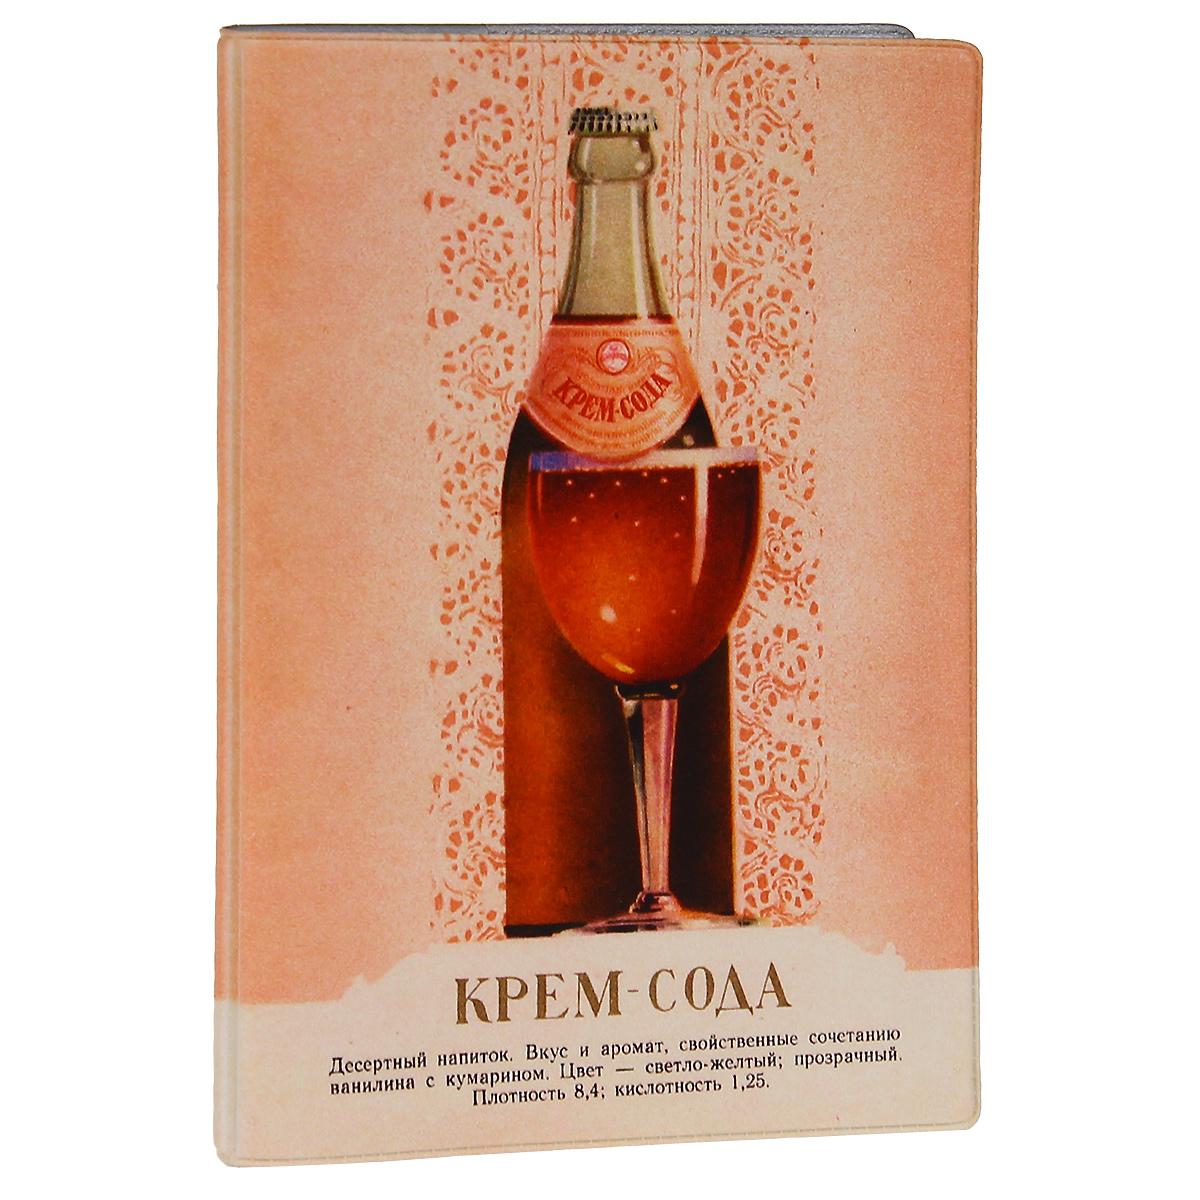 Обложка для автодокументов Крем-сода. AUTOZAM271584.254.20 L.BeigeОбложка для автодокументов Mitya Veselkov Крем-сода изготовлена из прочного ПВХ и оформлена изображением в виде бутылки с напитком Крем-сода и наполненным бокалом. На внутреннем развороте имеются съемный блок из шести прозрачных файлов из мягкого пластика для водительских документов, один из которых формата А5, а также два боковых кармашка для визиток или банковских карт.Стильная обложка не только поможет сохранить внешний вид ваших документов и защитит их от грязи и пыли, но и станет аксессуаром, который подчеркнет вашу яркую индивидуальность.